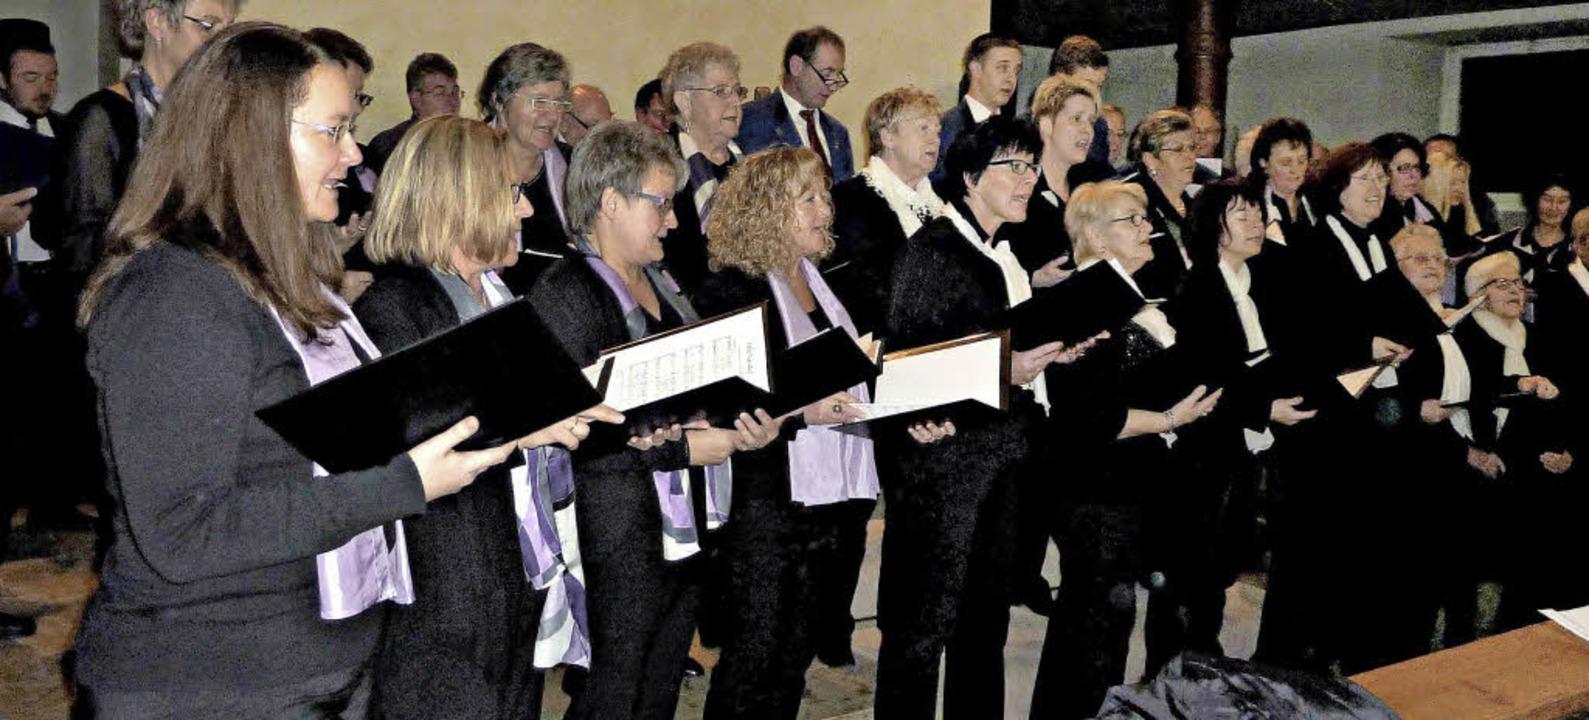 Der Gesamtchor kam mit seiner Liedausw...war  Solistin Nadine Wagner (rechts).     Foto: Osswald